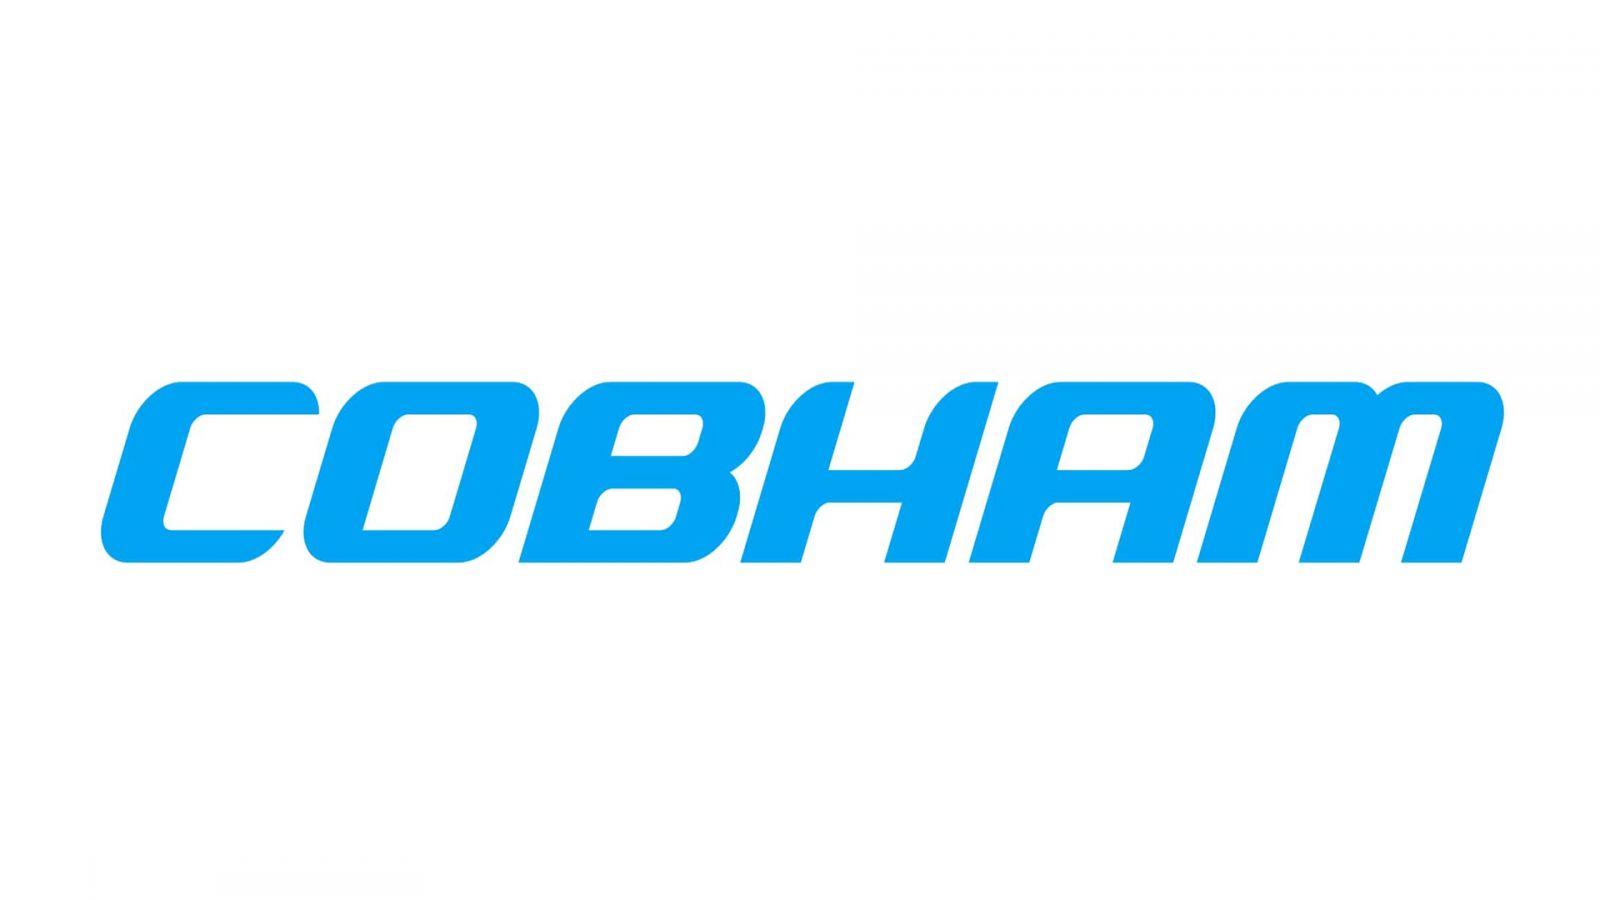 cobham-logo.jpg